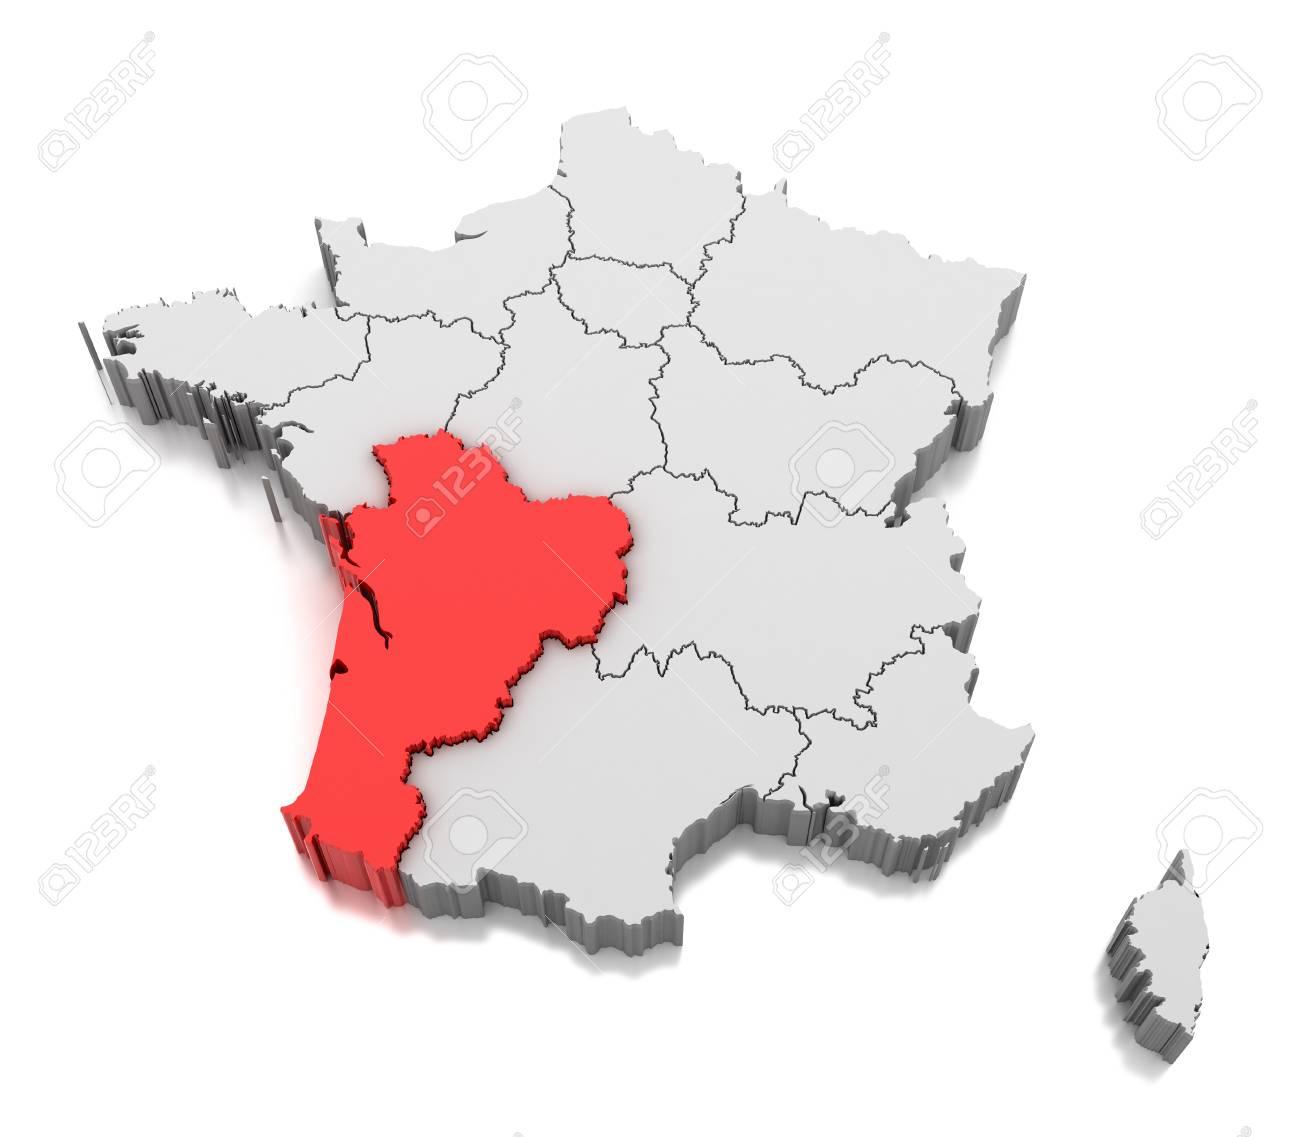 Map Of Nouvelle Aquitaine Region, France à Nouvelle Region France